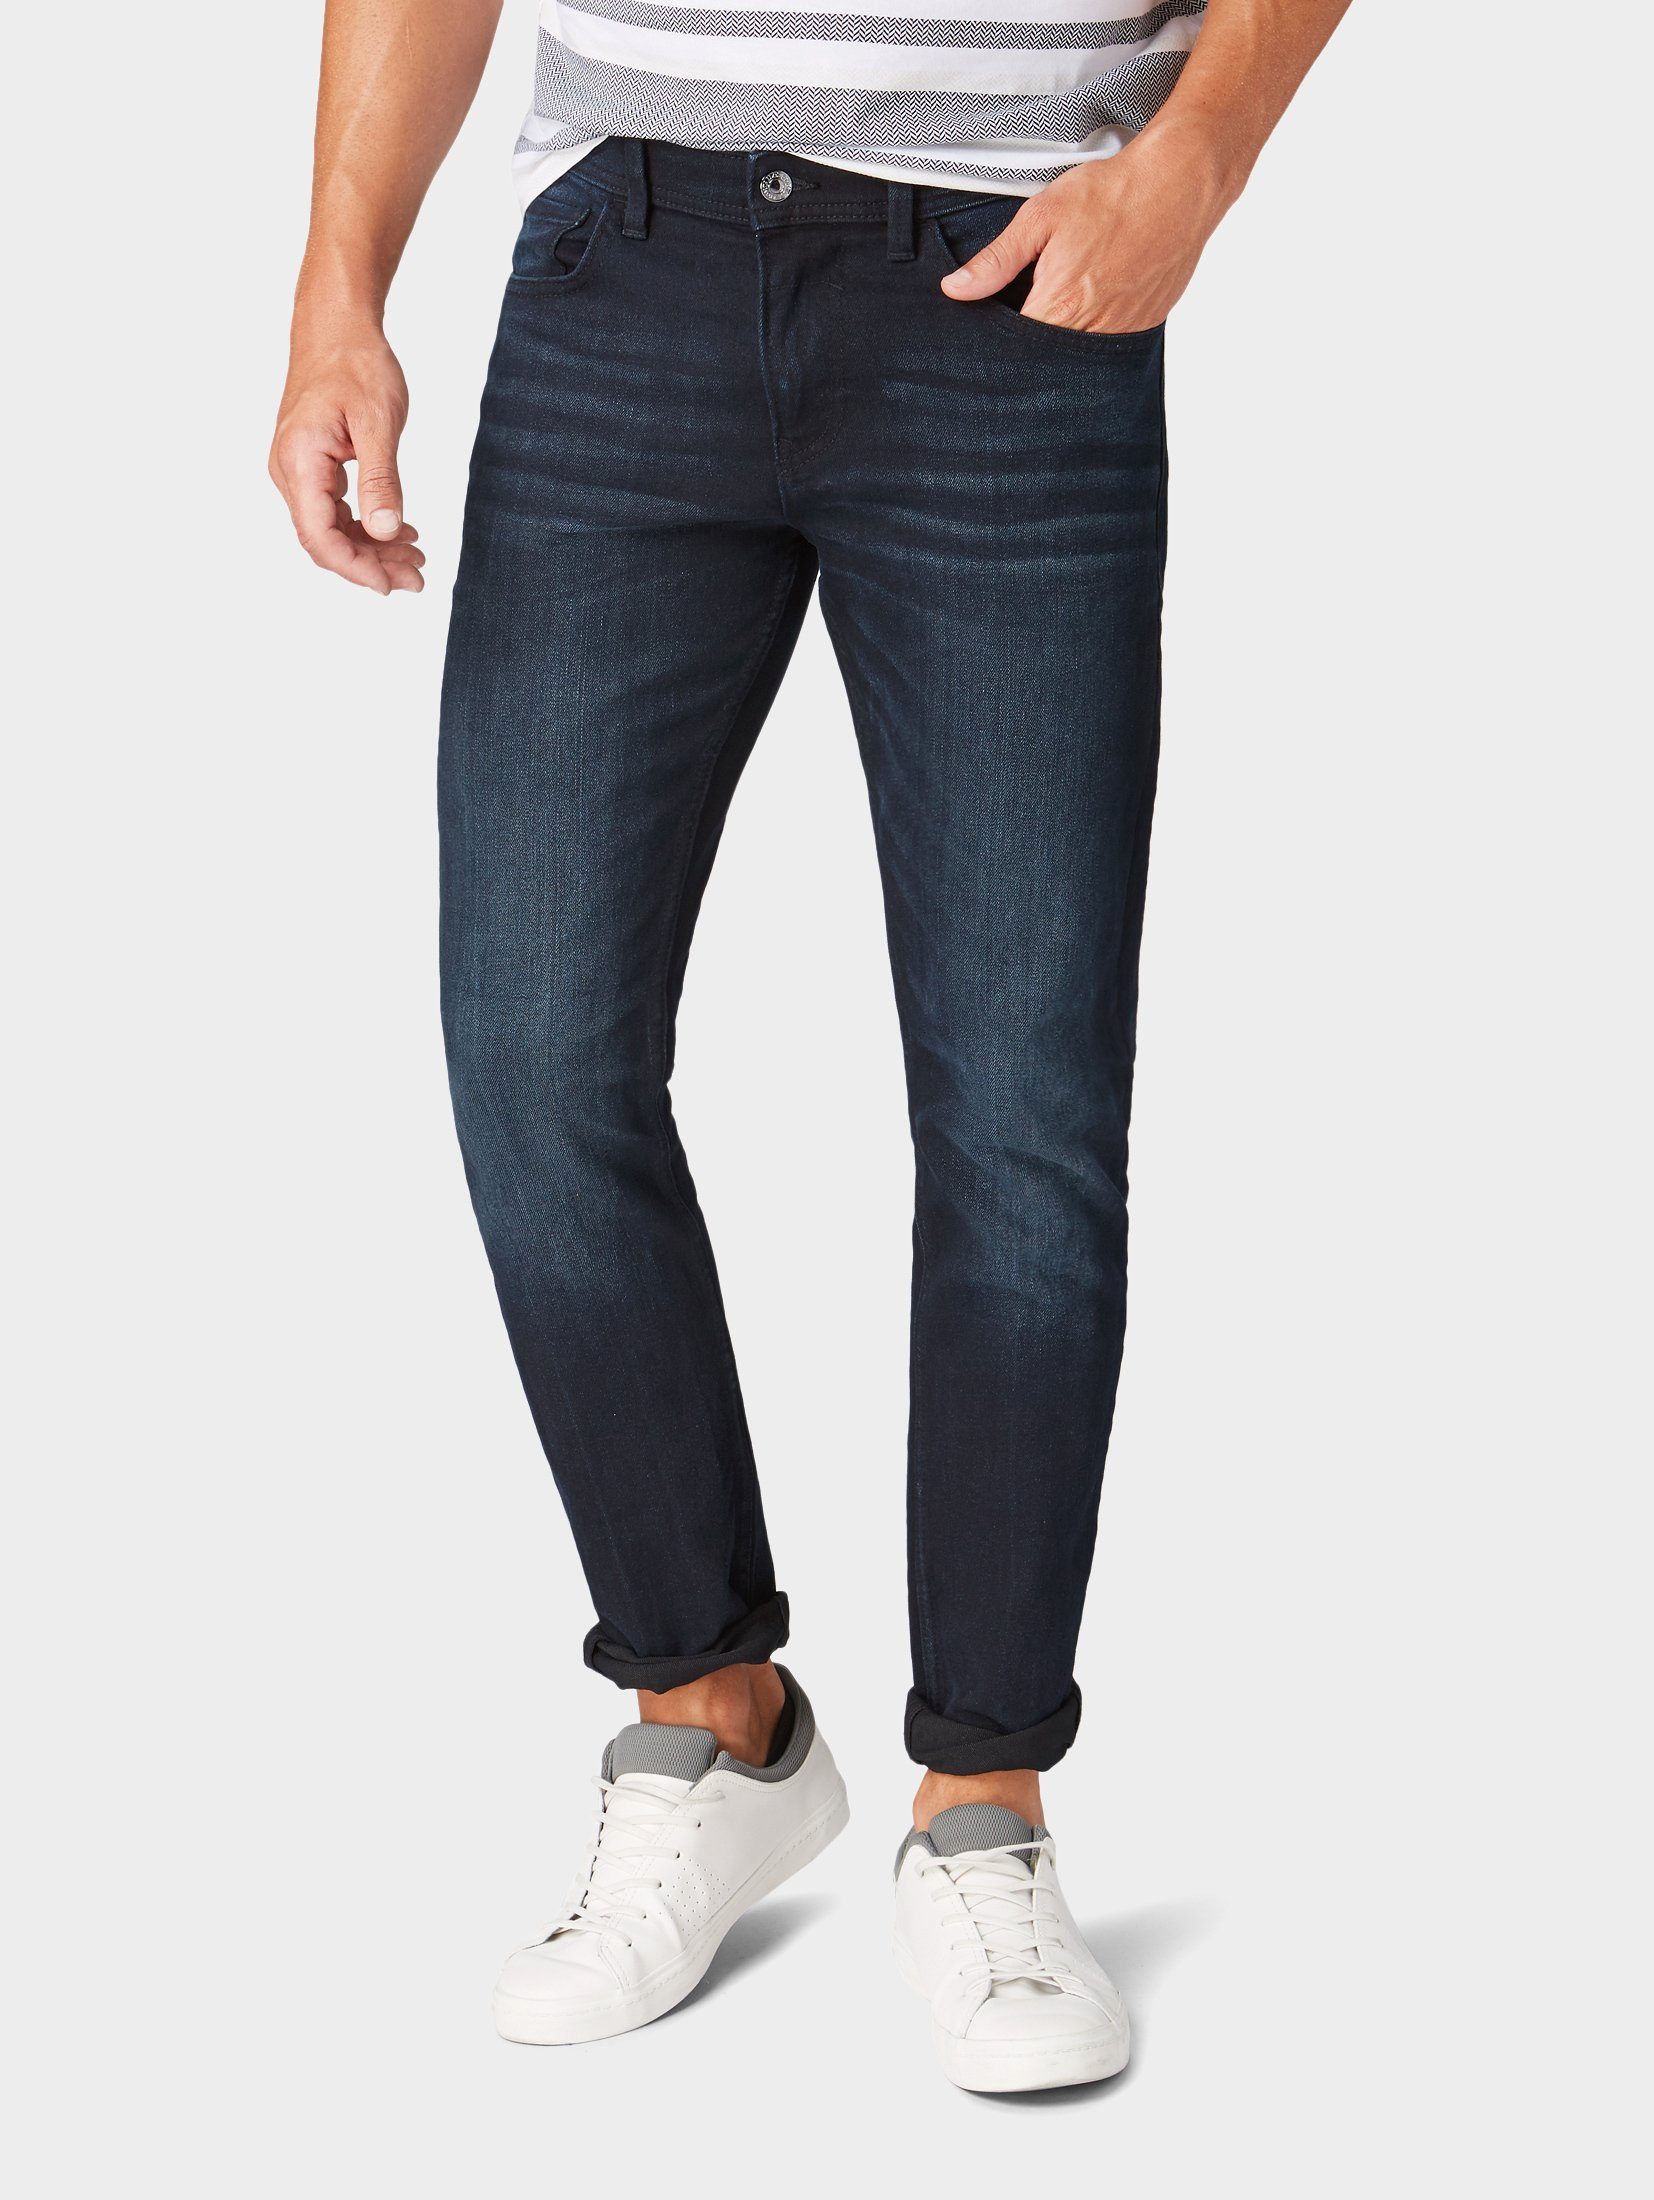 TOM TAILOR Denim 5-Pocket-Jeans »Piers Super Slim Jeans«